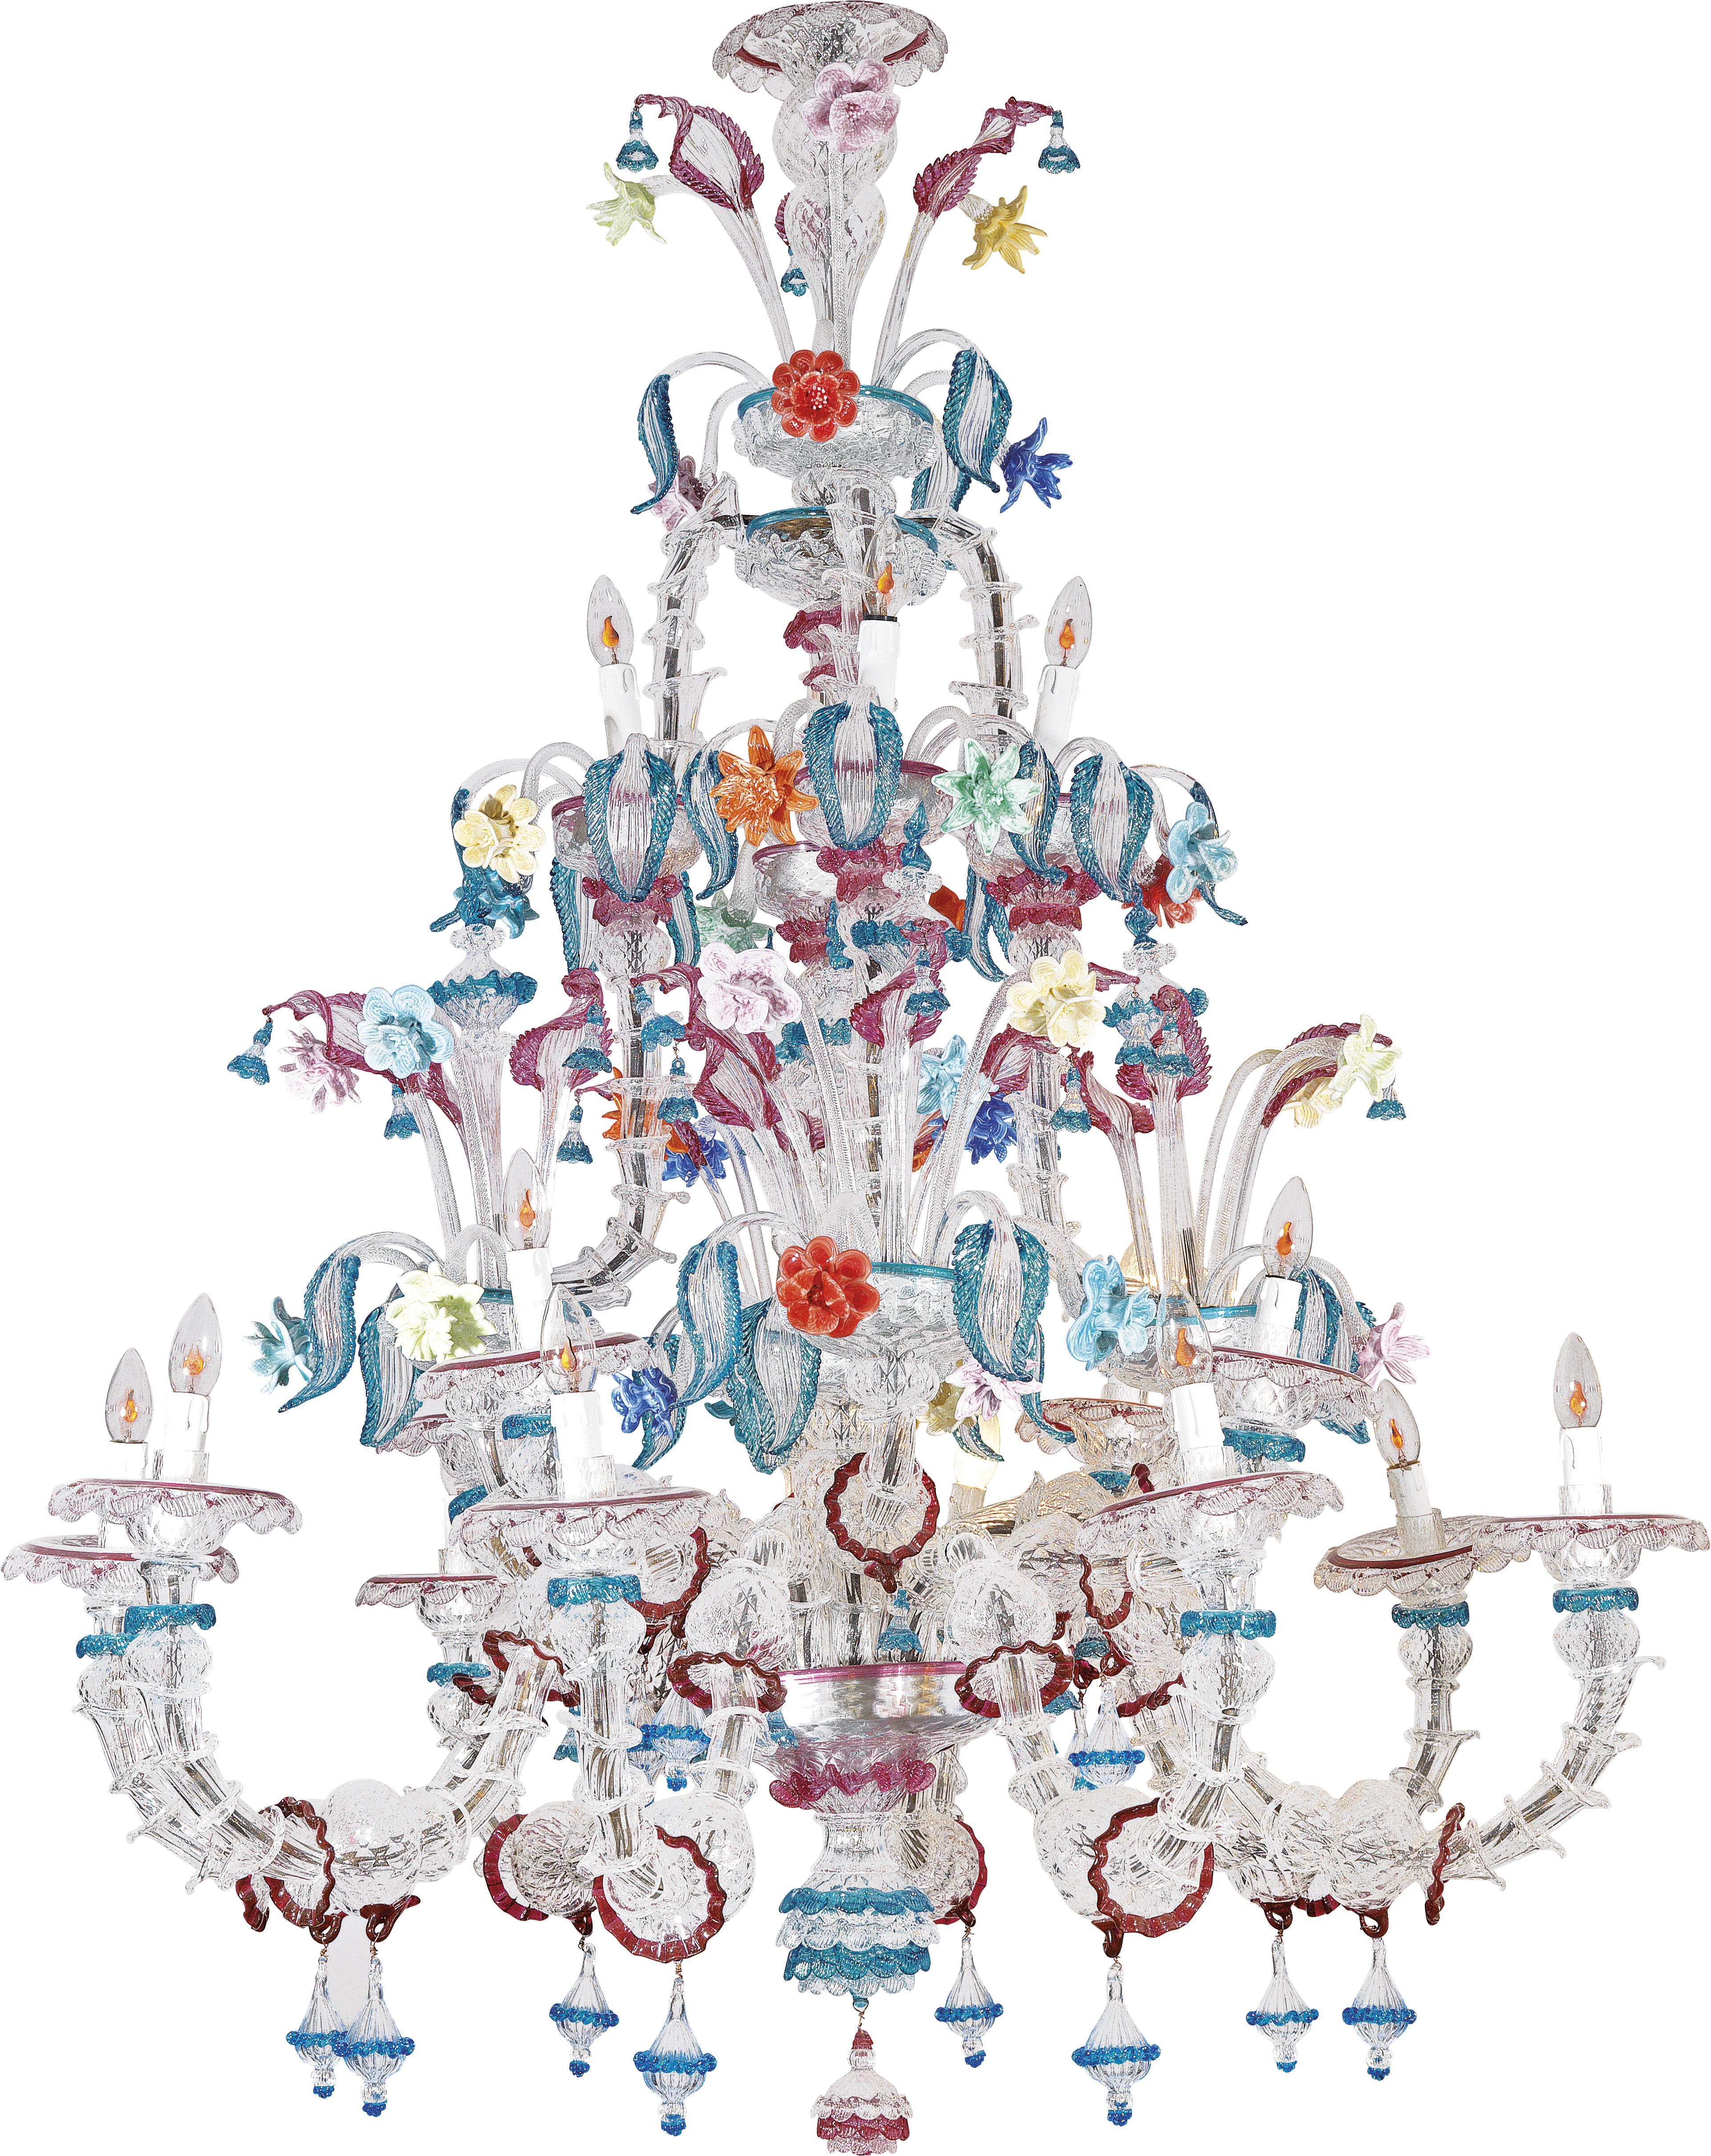 Prachtexemplar mit den typischen Glasröhren und buntem Dekor, 1. Hälfte 20. Jh. Der Muranolüster erzielte 2011 im Dorotheum 61.300 Euro (Foto: Dorotheum, WIen)